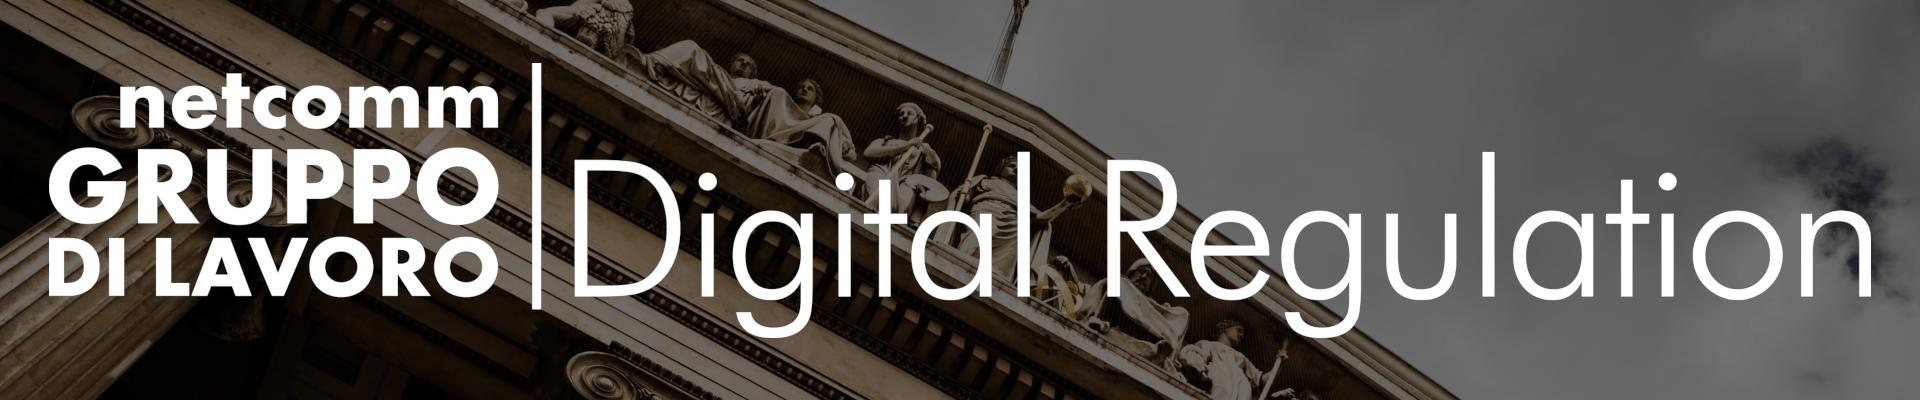 Gruppo di Lavoro | Digital Regulation - 27 Settembre 2019